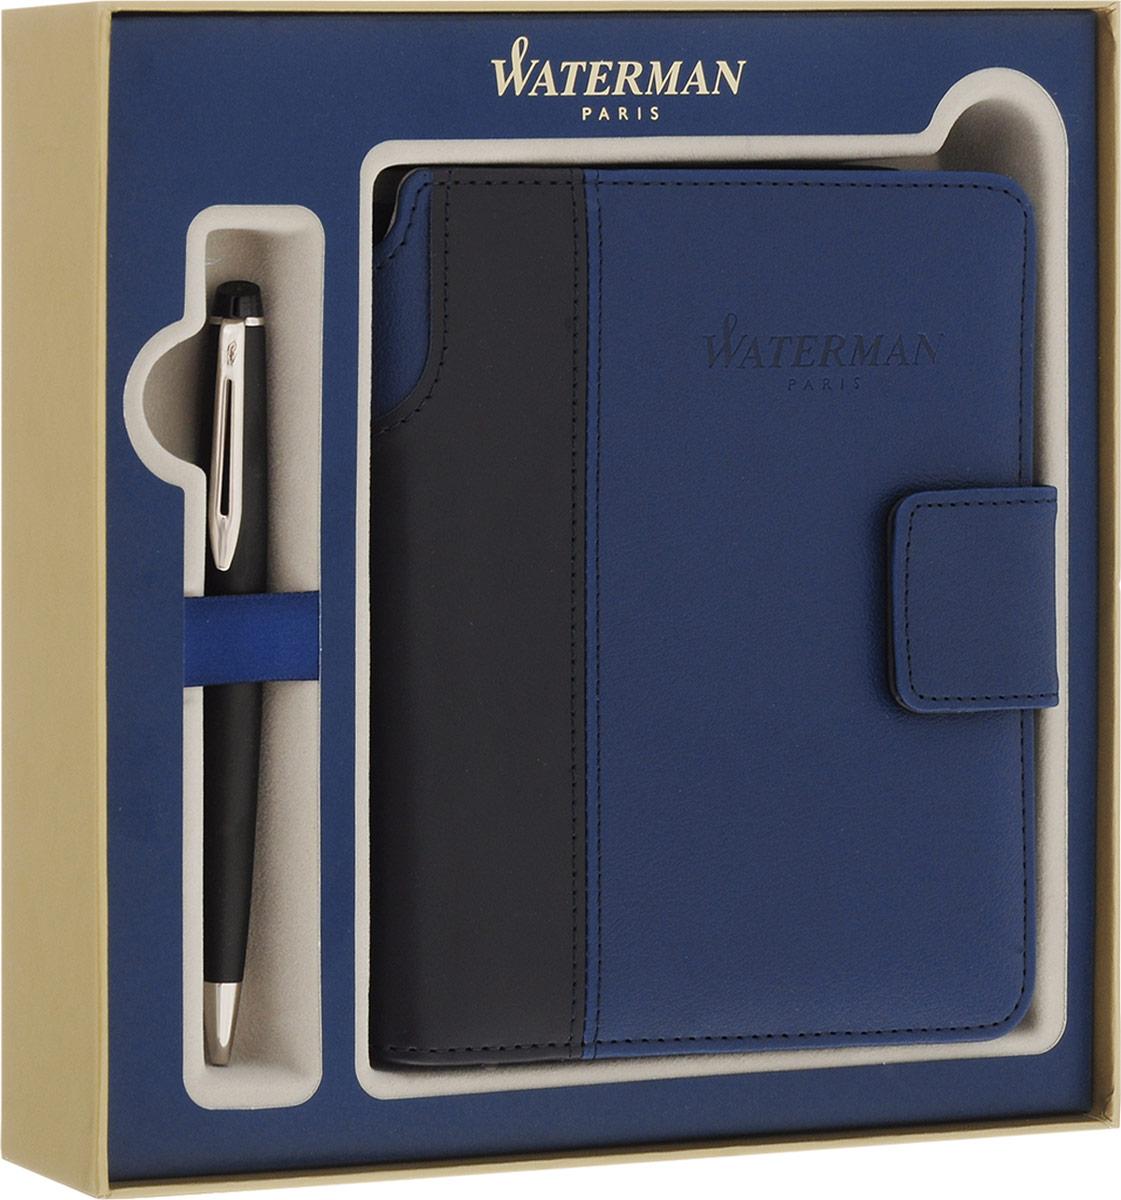 Waterman Ручка шариковая Expert Matte Black CTWAT-1978715Корпус ручки Waterman Expert Matte Black CT выполнен из хрома насыщенного черного цвета и декорирован отделкой с никеле-палладиевым покрытием. Стержень шариковой ручки выводится поворотом ее верхней части по часовой стрелке. Ручка упакована в фирменную коробку синего цвета с логотипом компании Waterman. В коробке предусмотрено дополнительное отделение, в котором расположен международный гарантийный талон и блокнот с тканевой закладкой-полоской и магнитной застежкой. Ручка Waterman Expert Matte Black CT подчеркнет стиль и элегантность ее владельца и станет превосходным подарком ценителю изящества и роскоши. Ручка - это не просто пишущий инструмент, это - часть имиджа, наглядно демонстрирующая статус, характер и образ жизни ее владельца